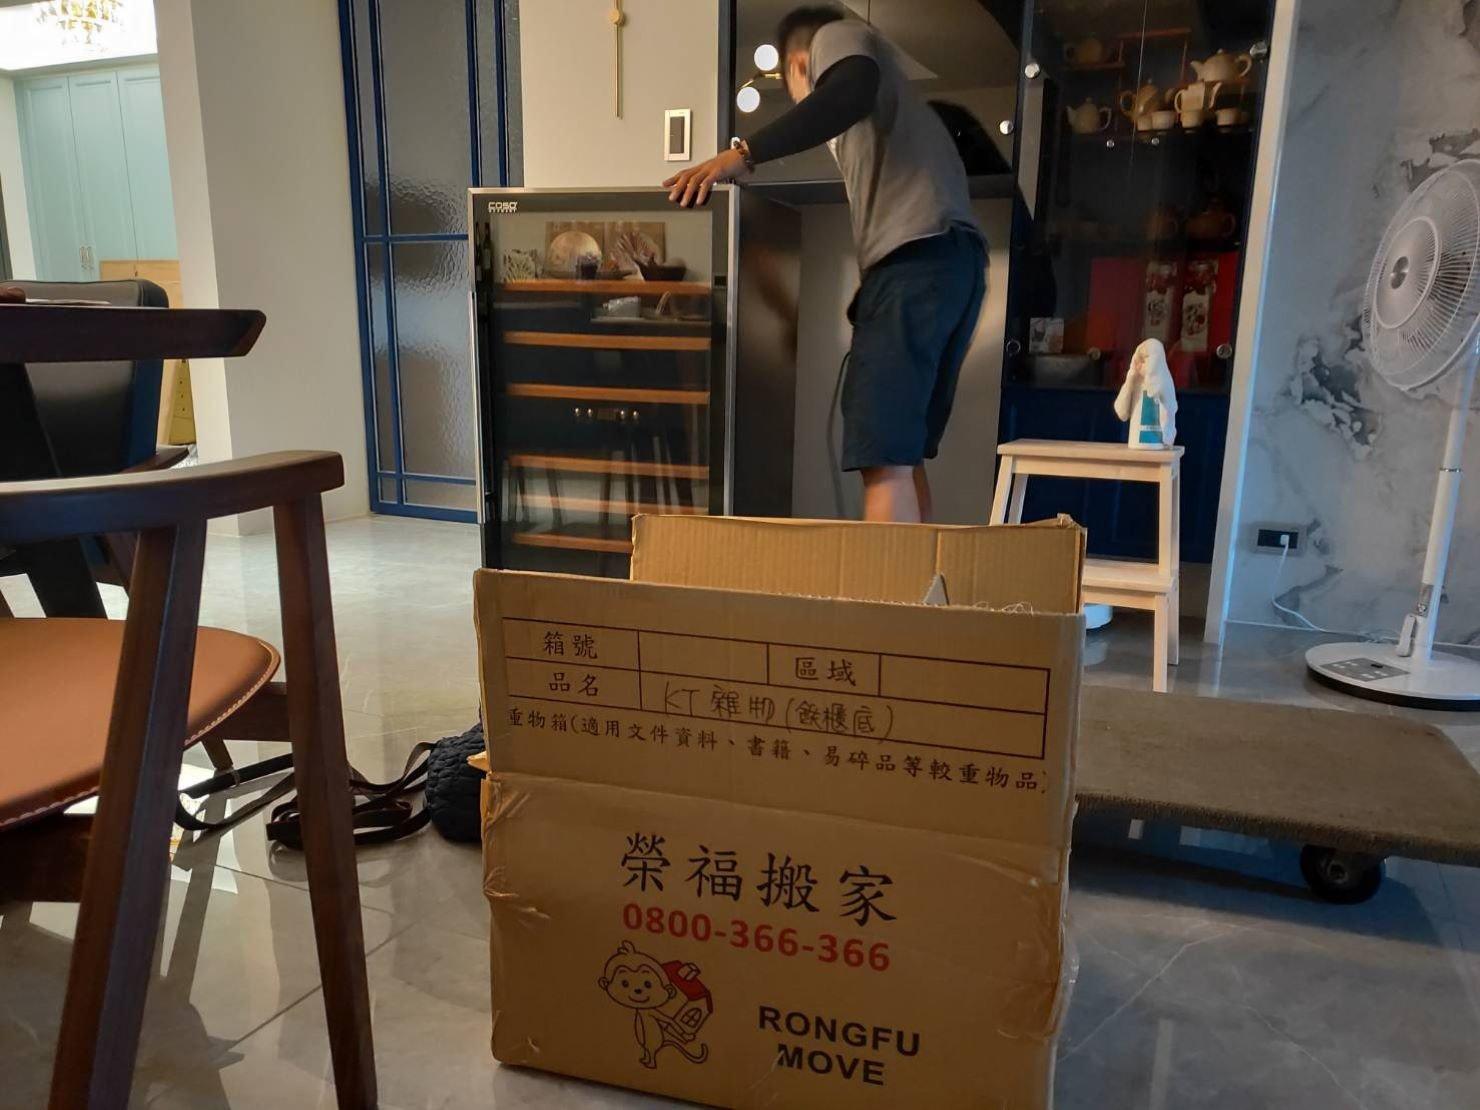 精緻搬家【榮福搬家】裝箱打包、口碑第一、台北搬家推薦:紅酒櫃其實就像是小冰箱需要插電控制溫度濕度,所以要搬運時一樣事先將電源關閉、拔下插頭